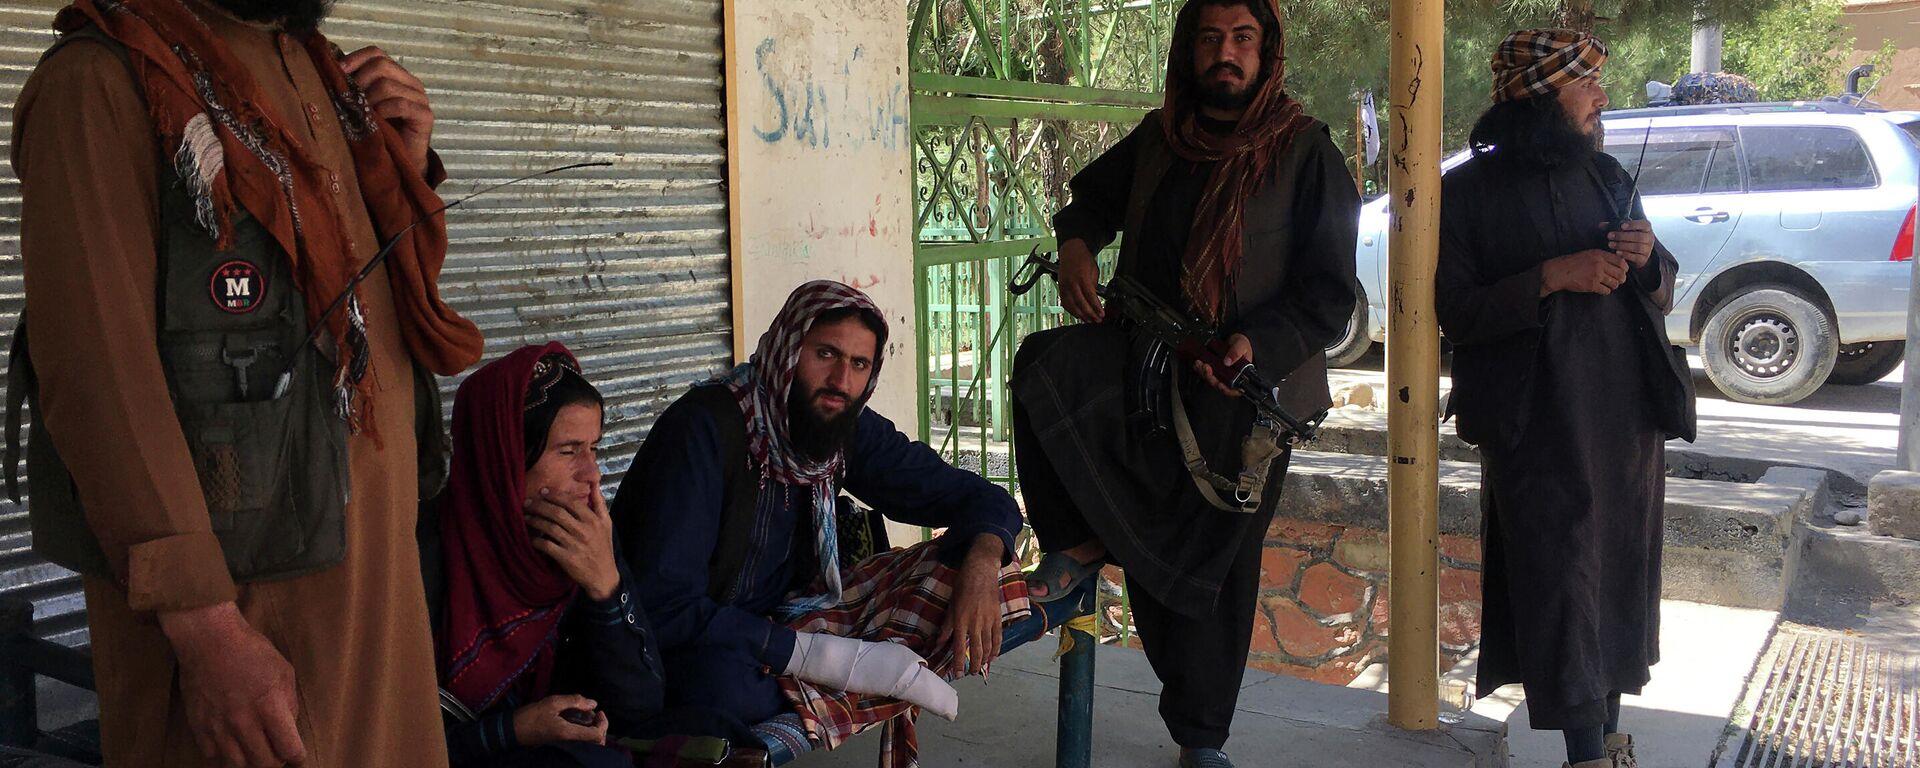 Боевики движения Талибан (террористическая организация, запрещена в России) в Кабуле - Sputnik Тоҷикистон, 1920, 30.09.2021